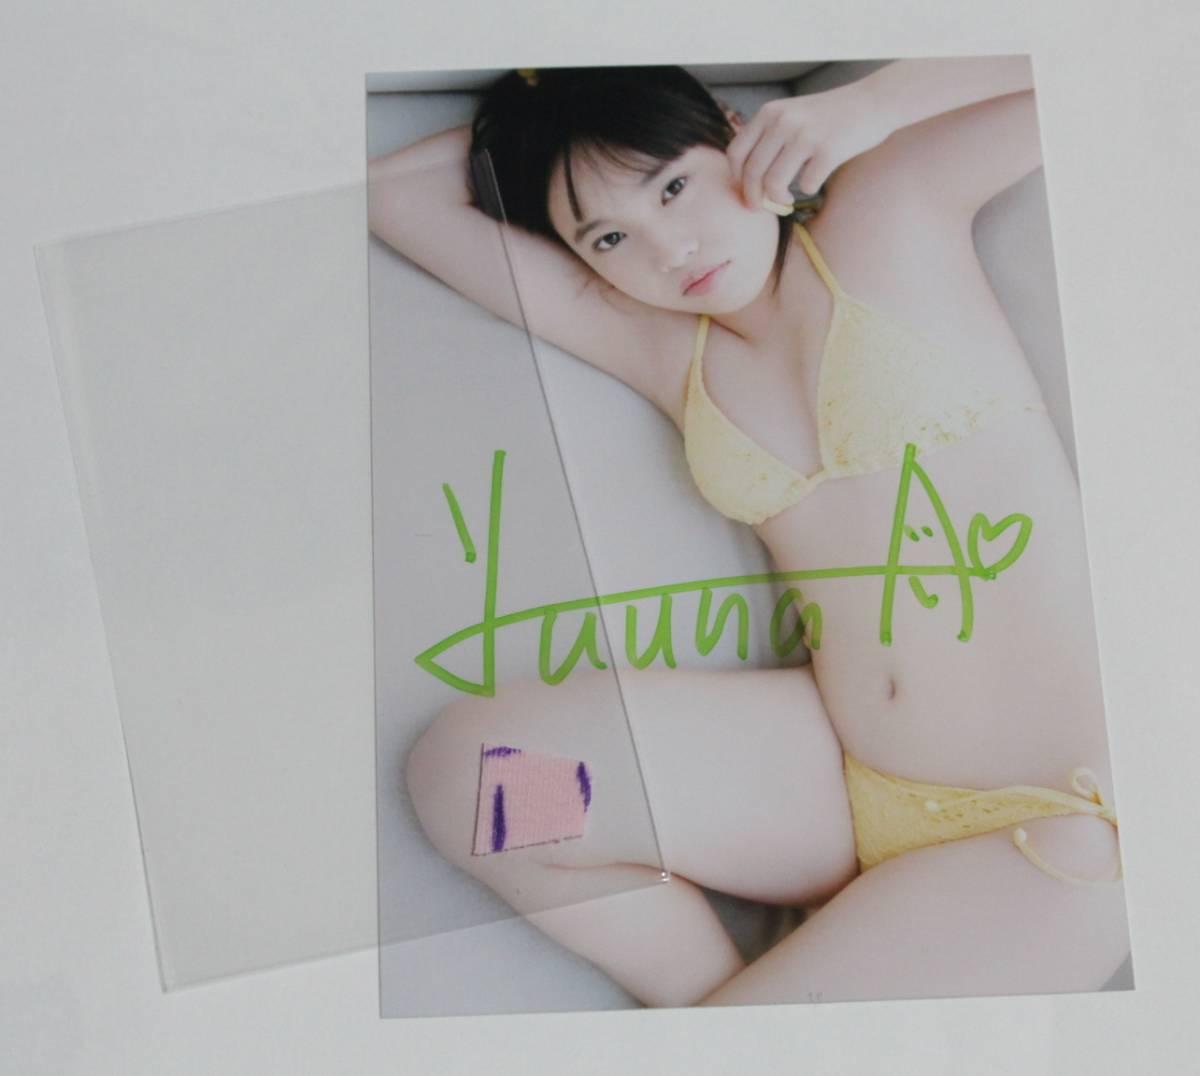 荒井佑奈『Candyガール』特典 直筆サイン入り生写真+お絵かき白水着